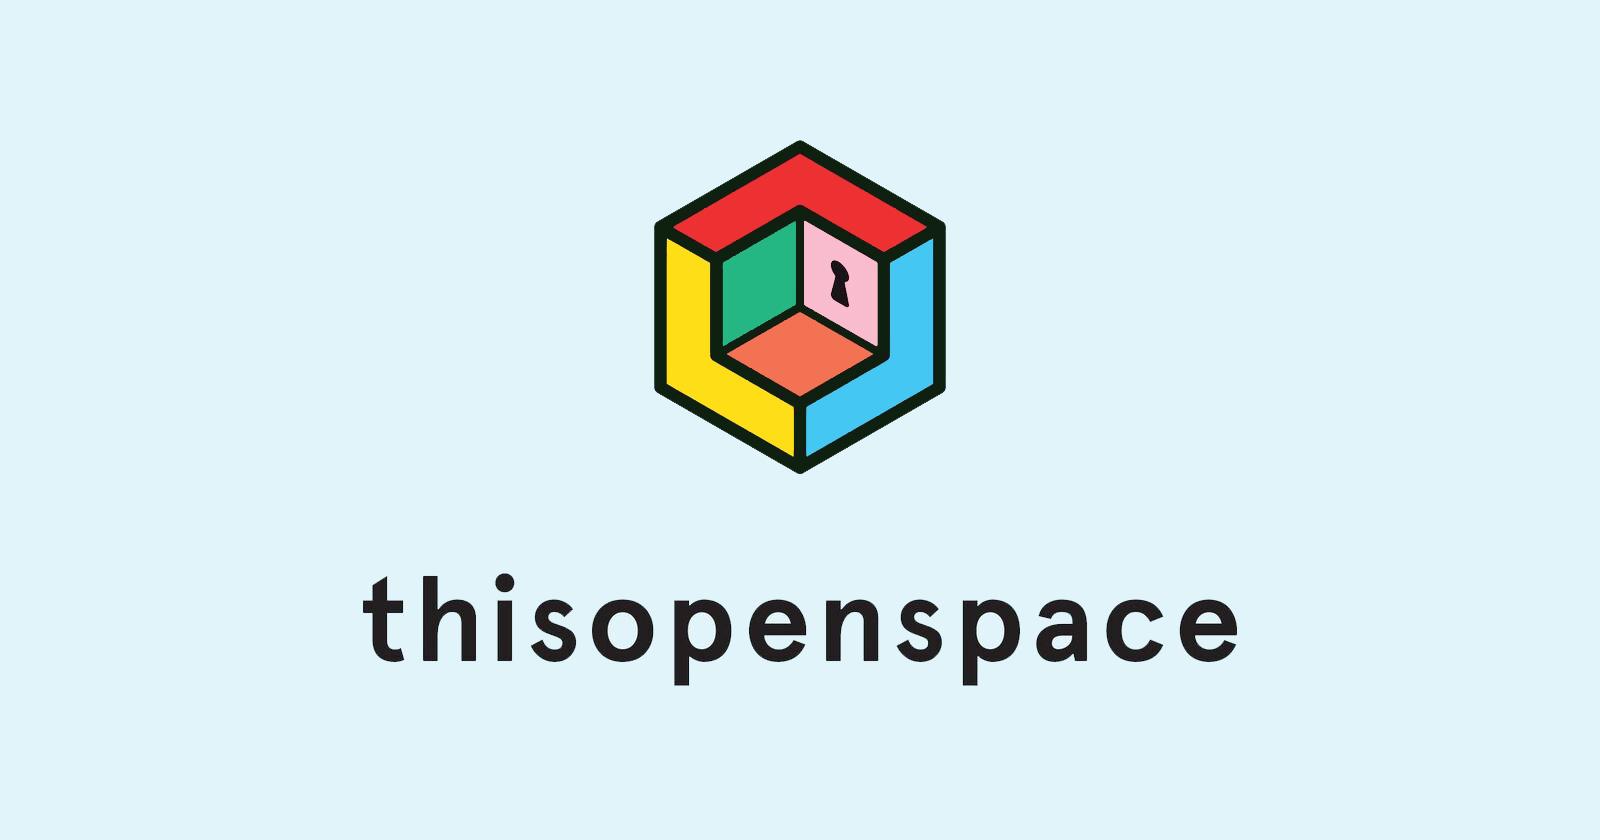 Written by Carolyn, thisopenspace